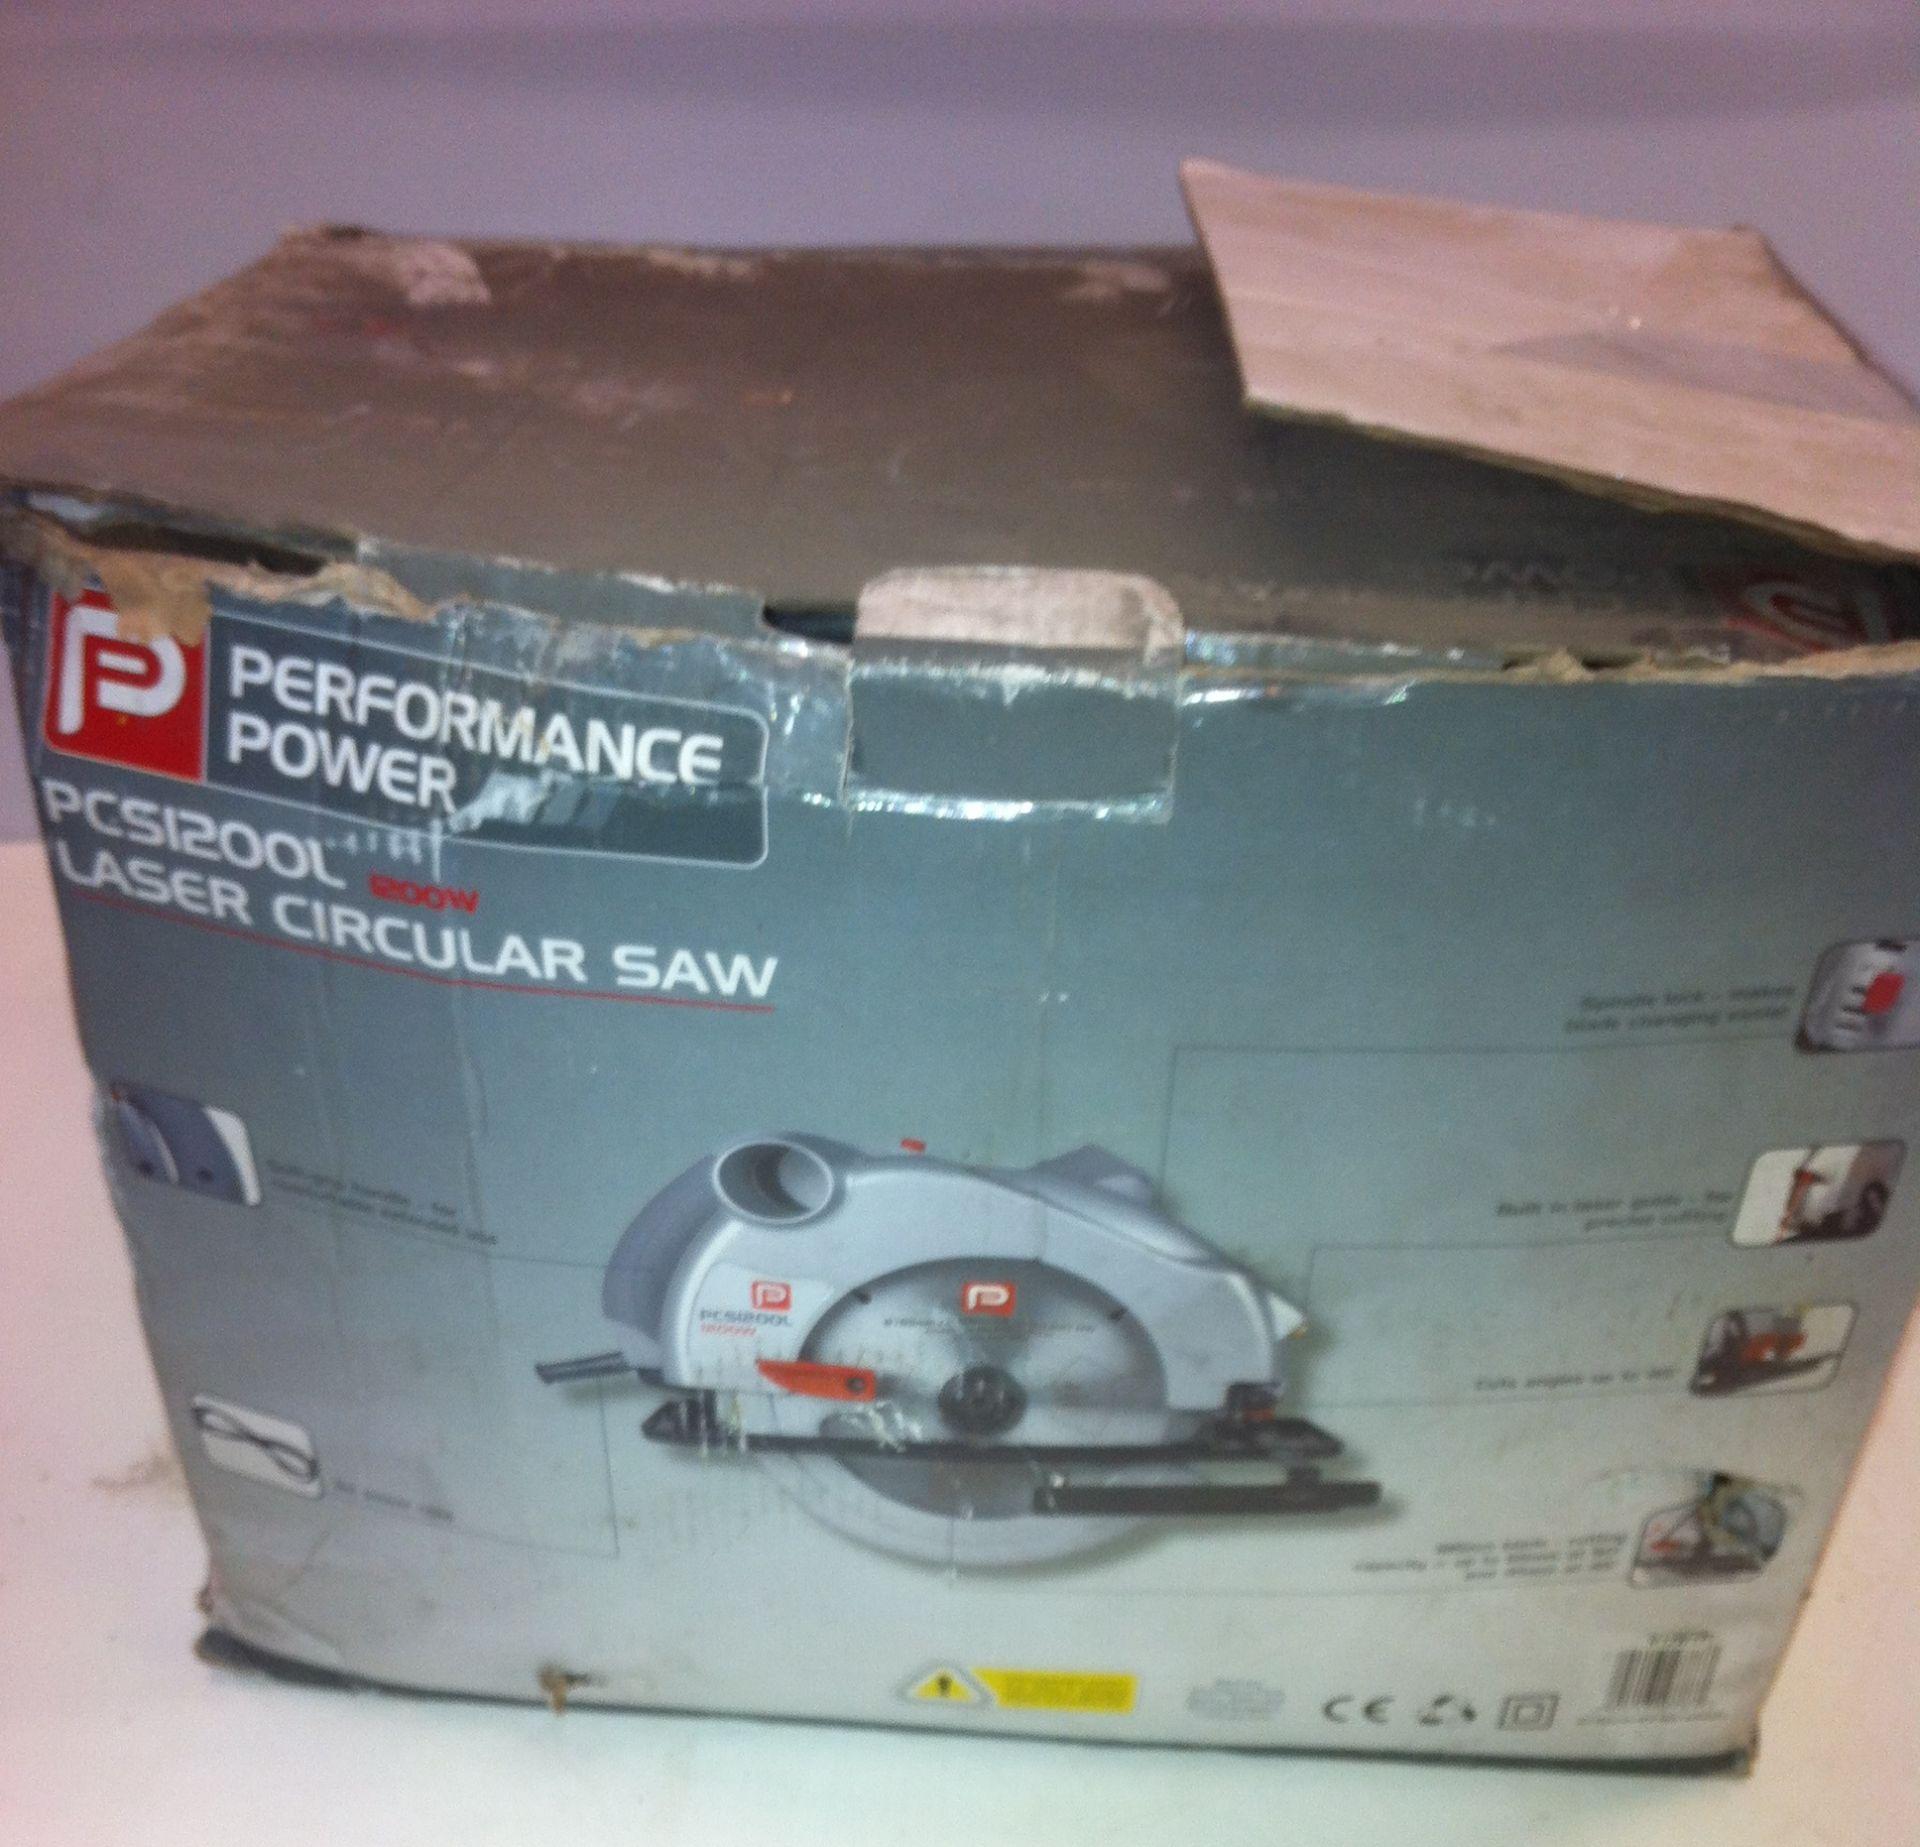 Lot 131 - Performance Power Laser Circular Saw